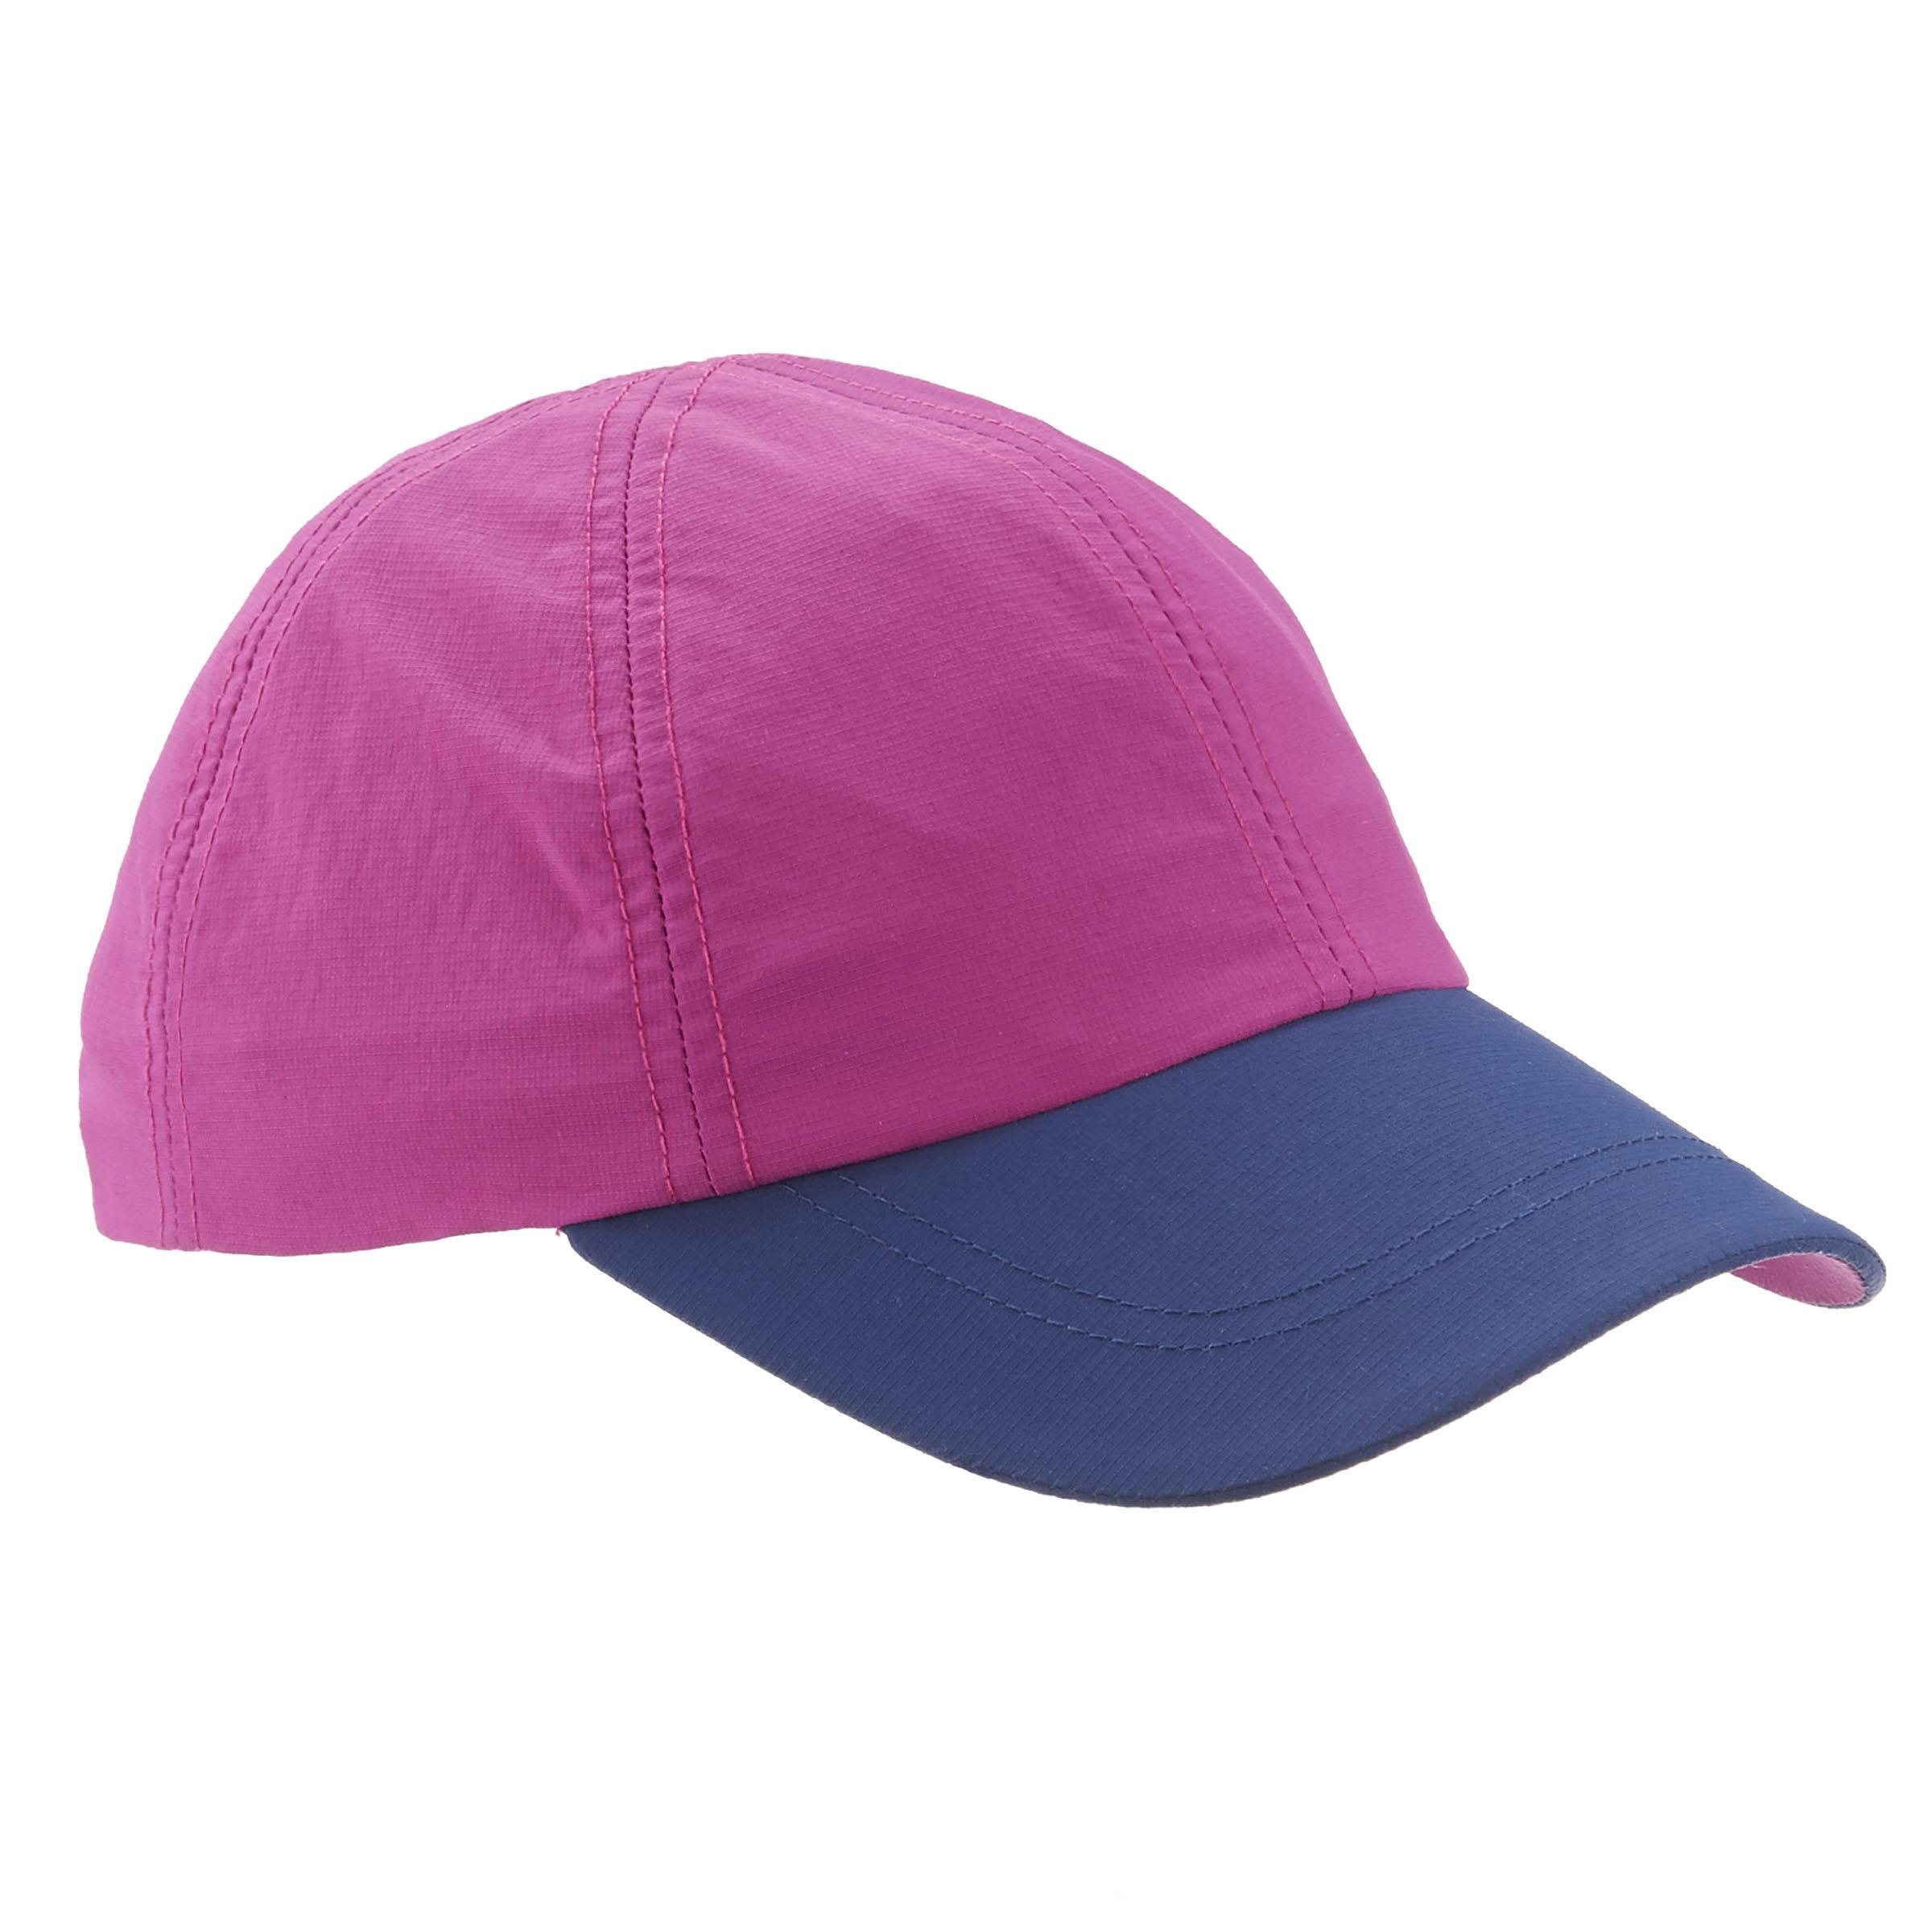 Gorra de travesía niña Hike 100 morado